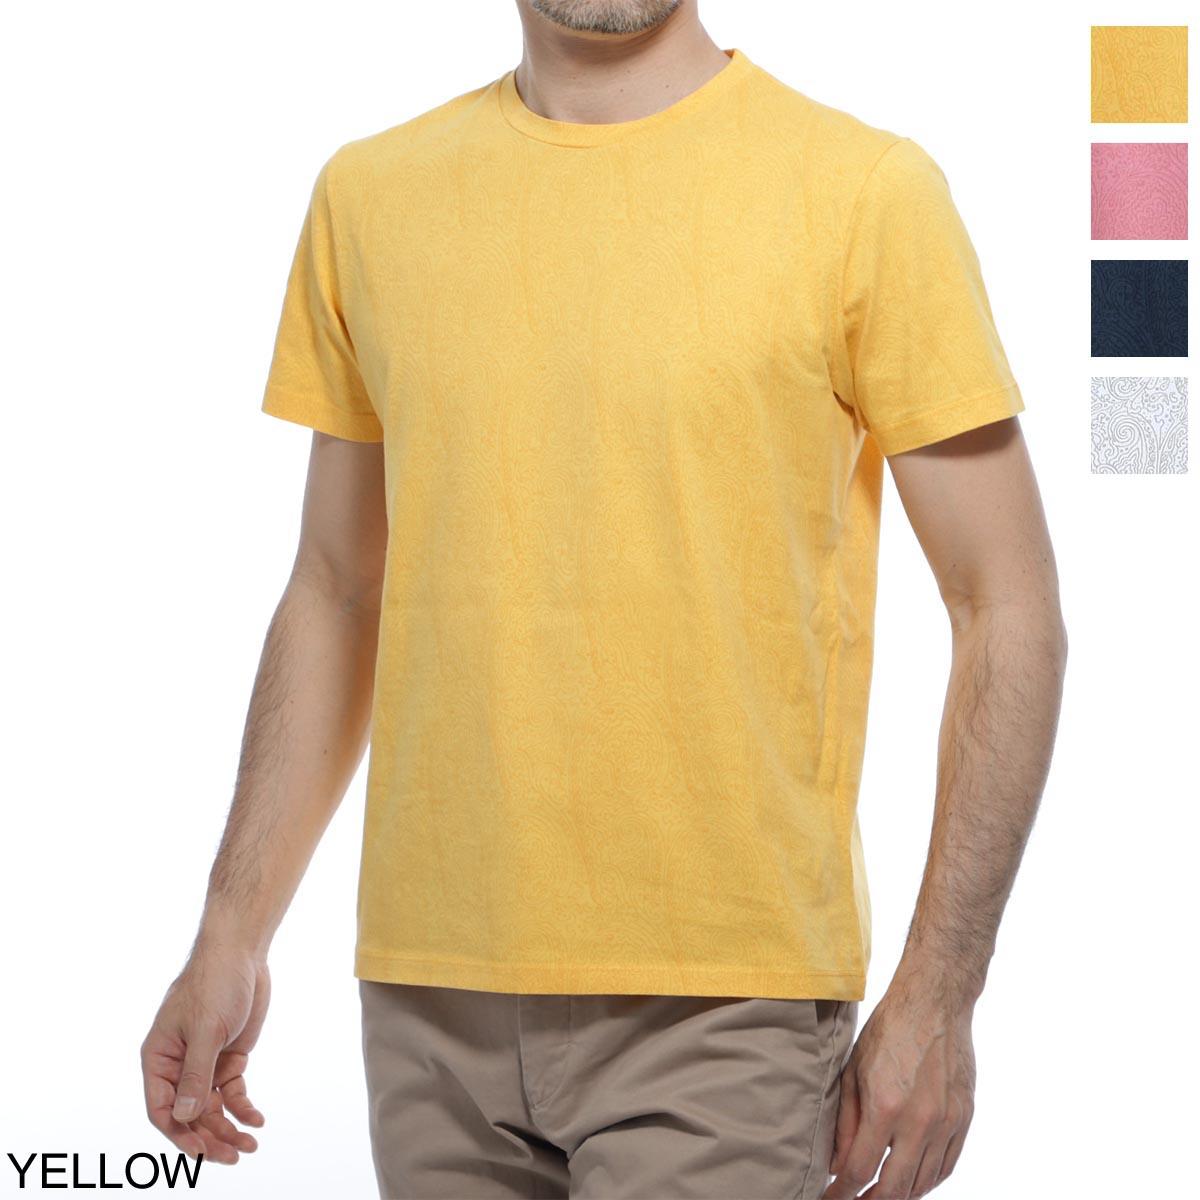 エトロ ETRO クルーネックTシャツ メンズ コットン 綿 半袖 1y020 9245 701【あす楽対応_関東】【返品送料無料】【ラッピング無料】